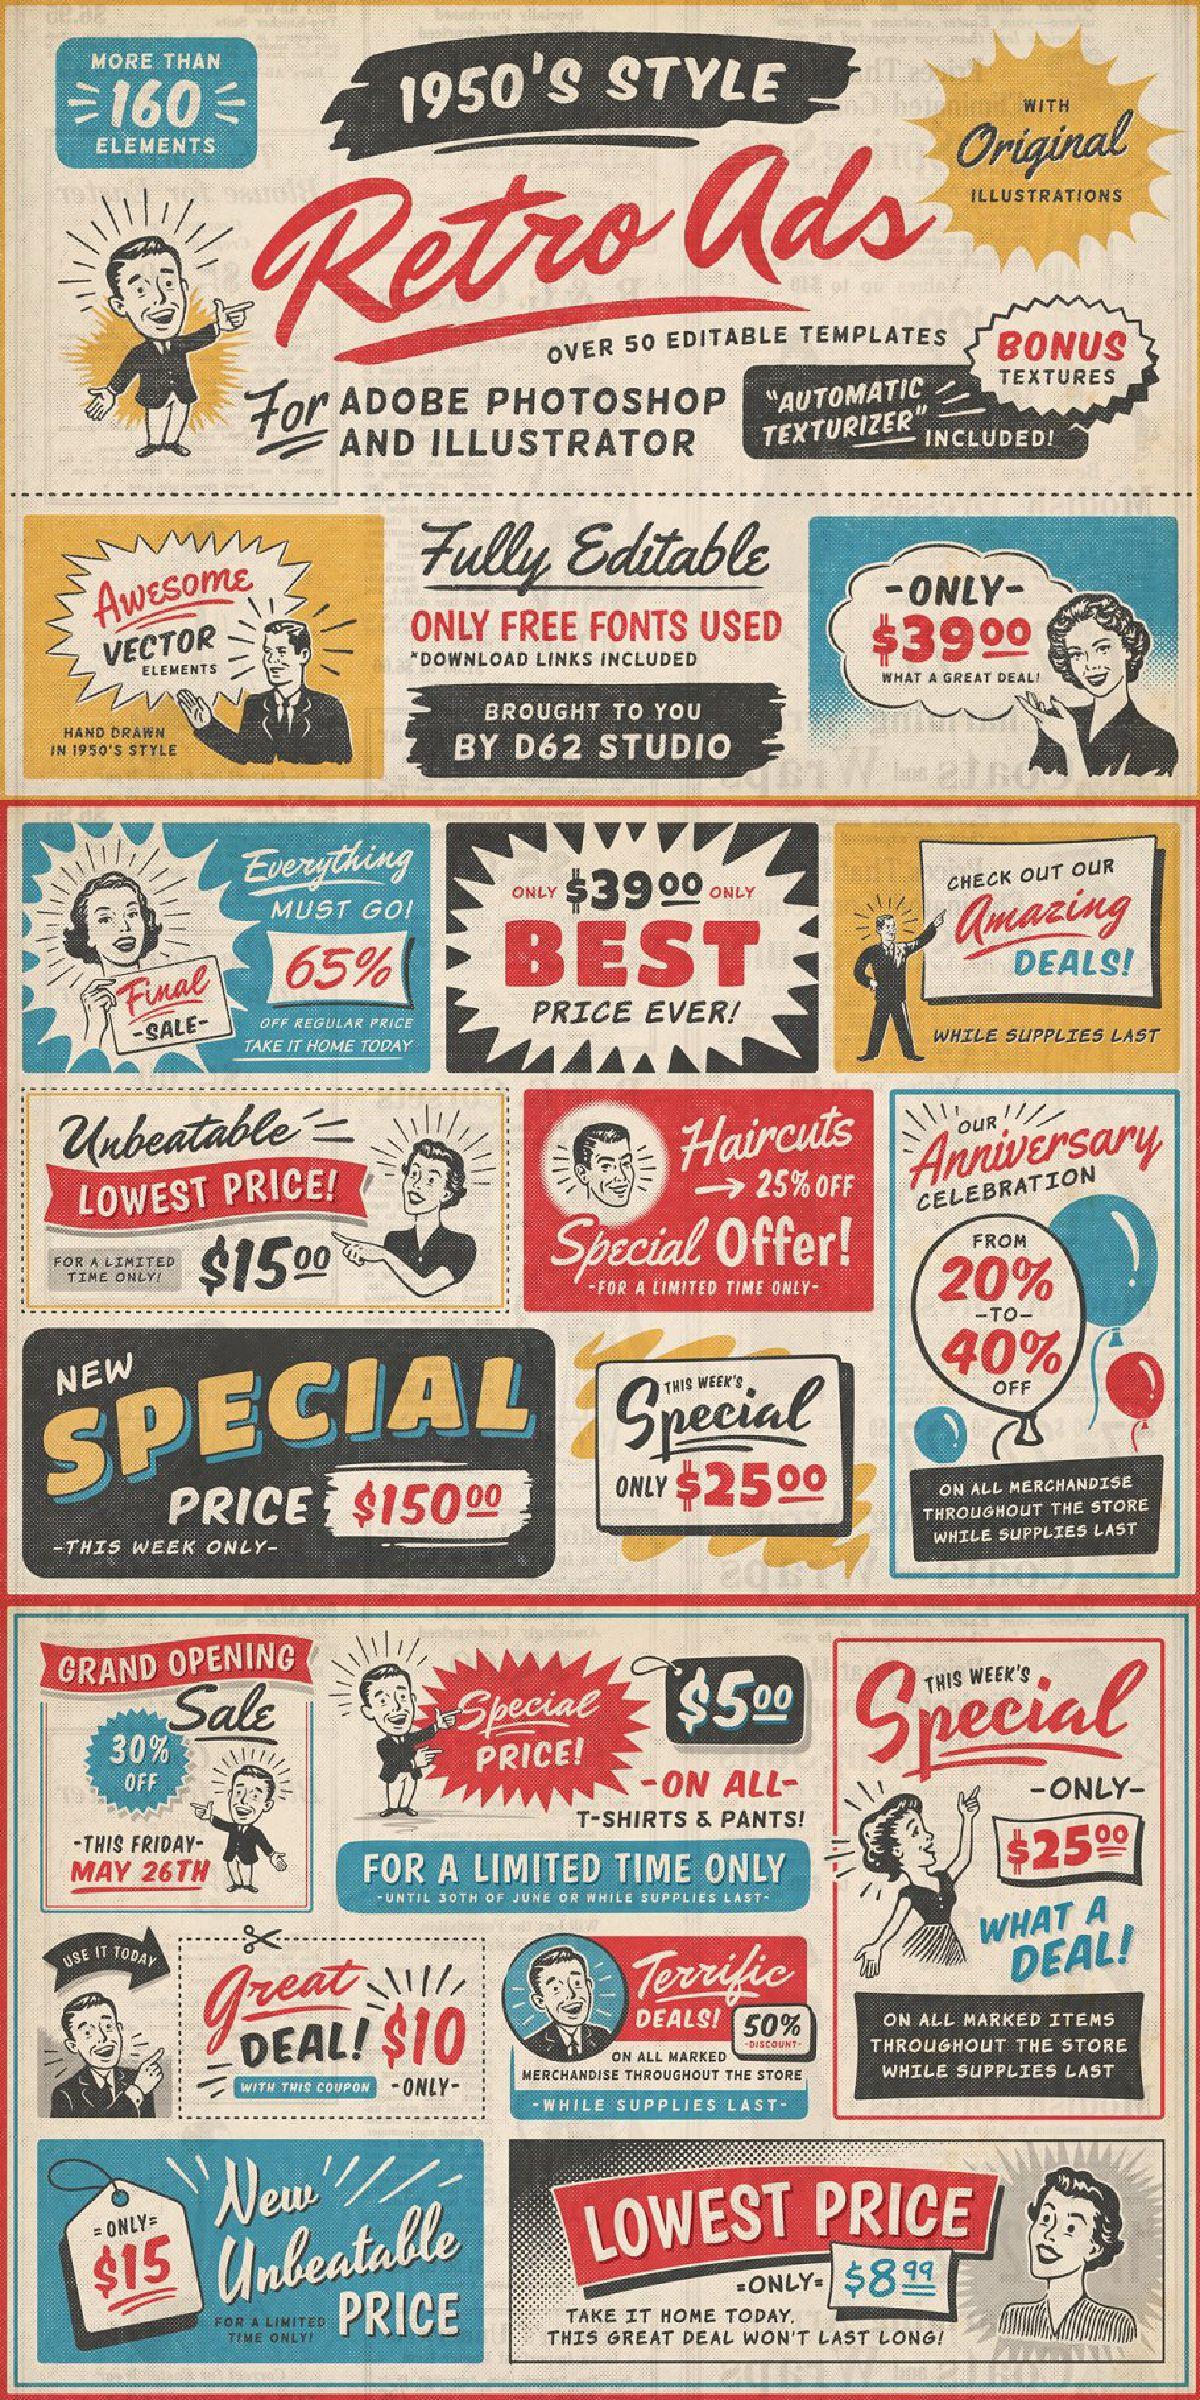 1950s Retro Style Ad Templates In 2020 Retro Graphic Design Vintage Graphic Design Retro Poster